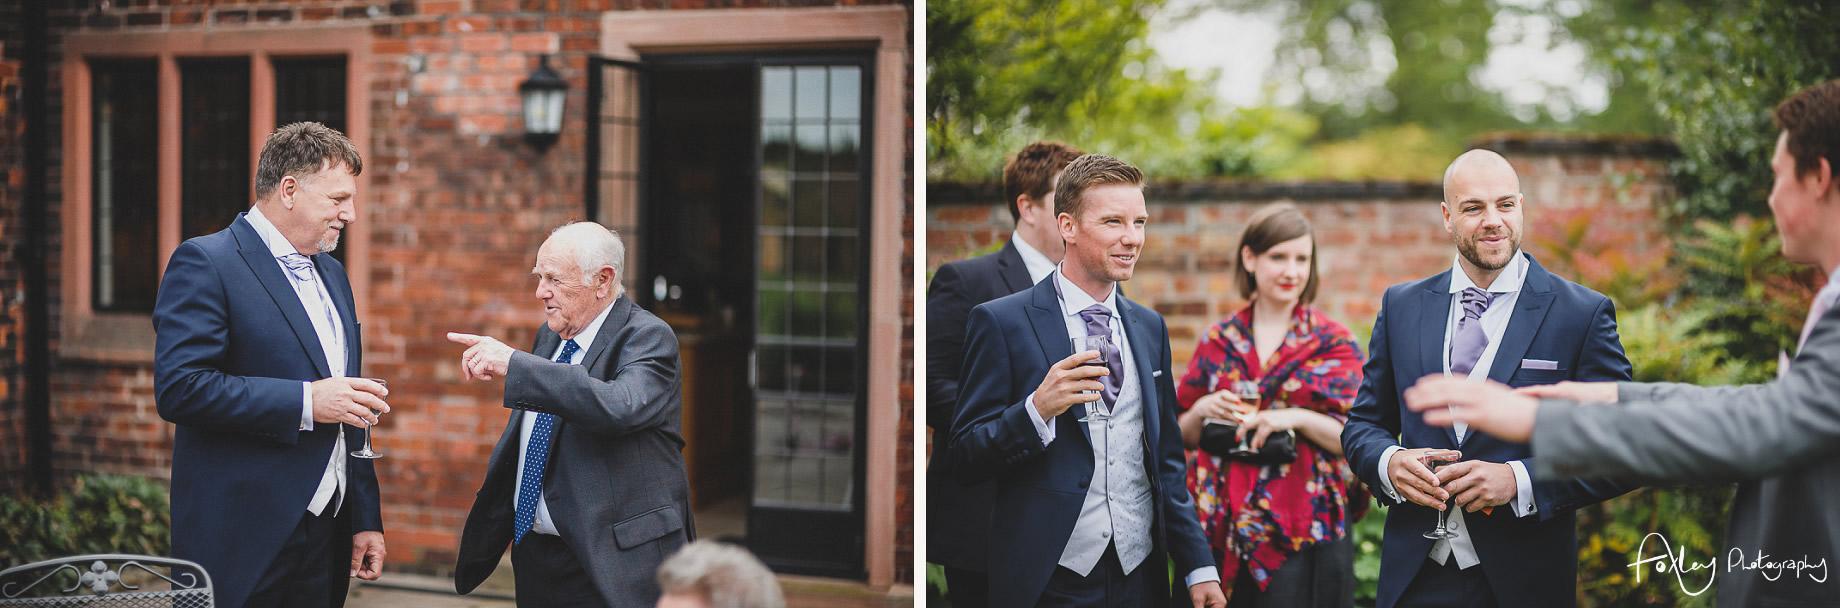 Simona-and-Robert-Wedding-at-Colshaw-Hall-050